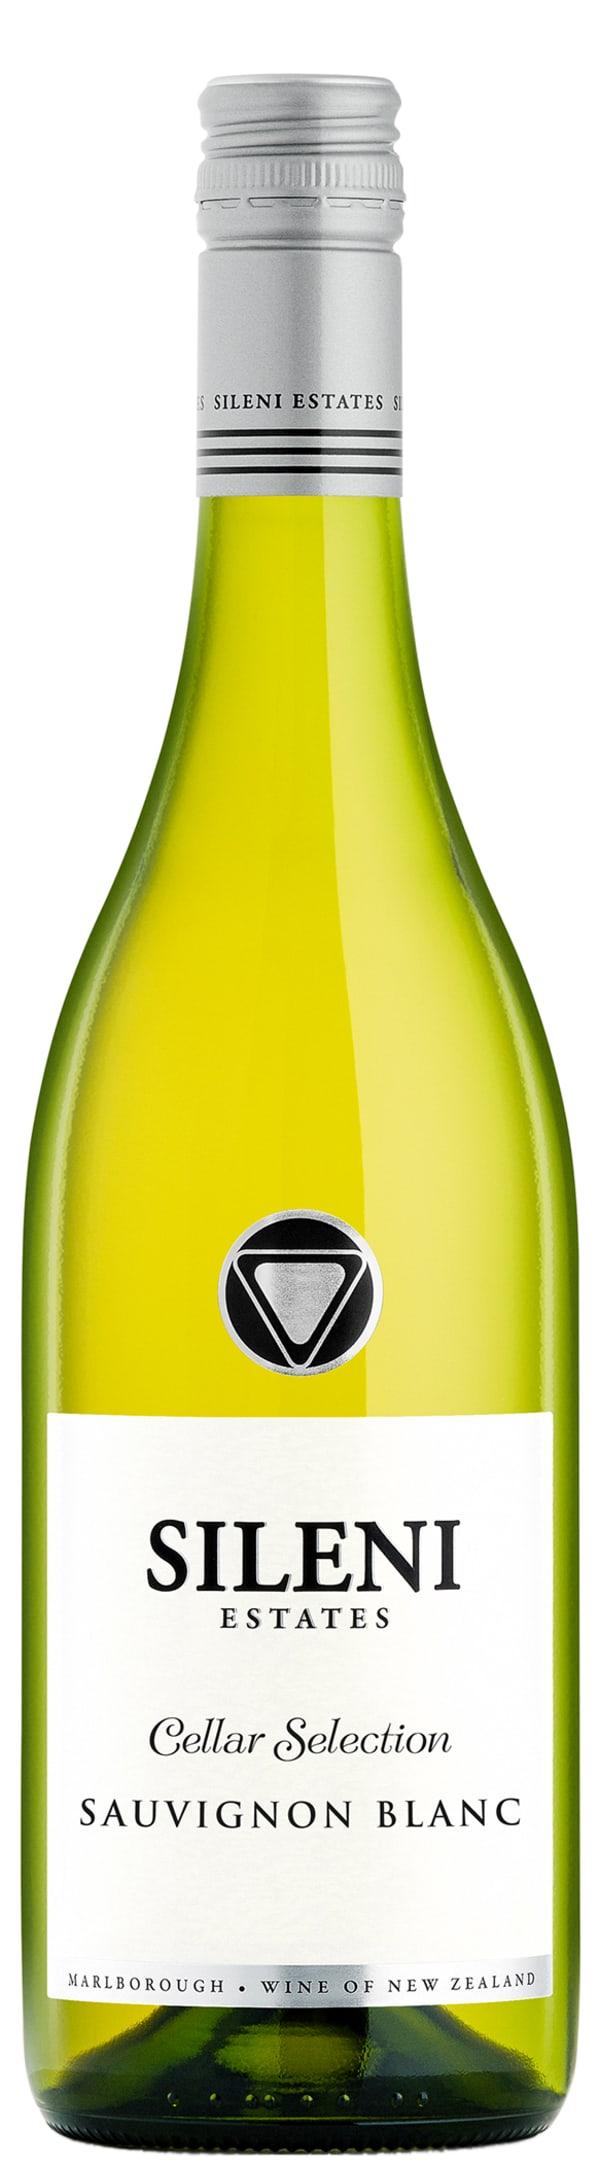 Sileni Cellar Selection Sauvignon Blanc 2018